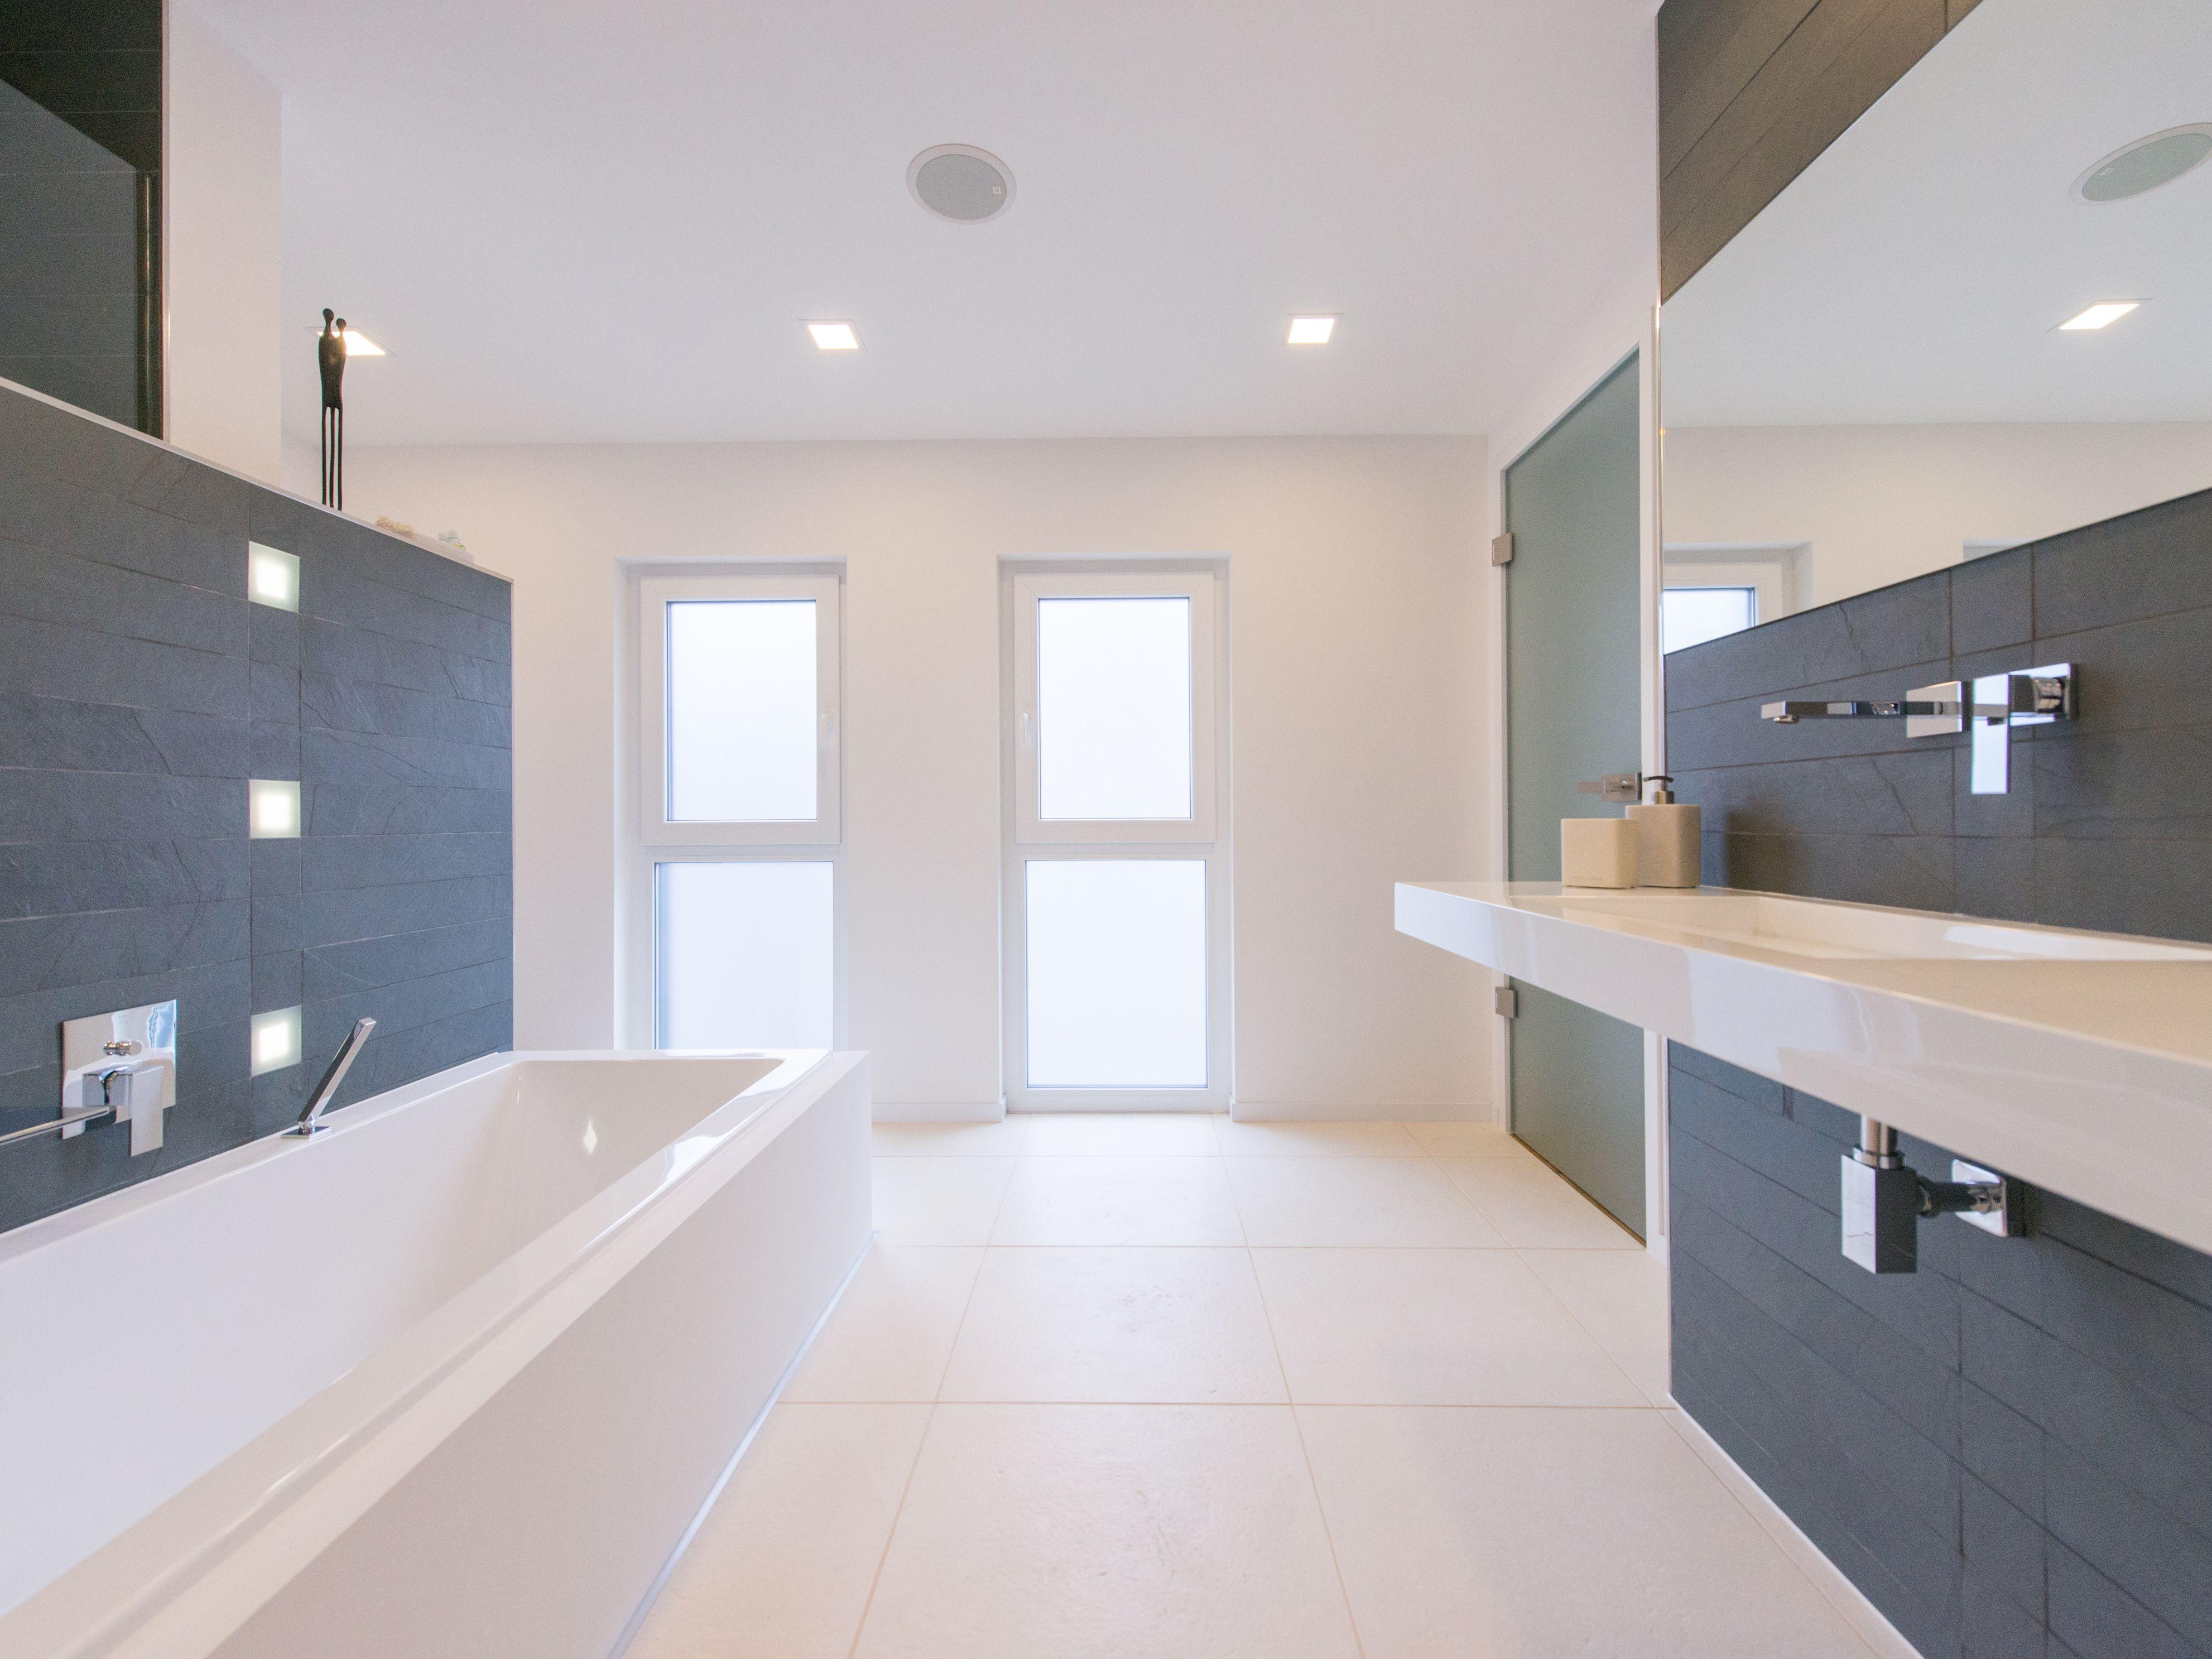 der helle boden unterstreicht das einladende ambiente des moderne deko badezimmer badezimmer modern fliesen - Bad Fliese Hell